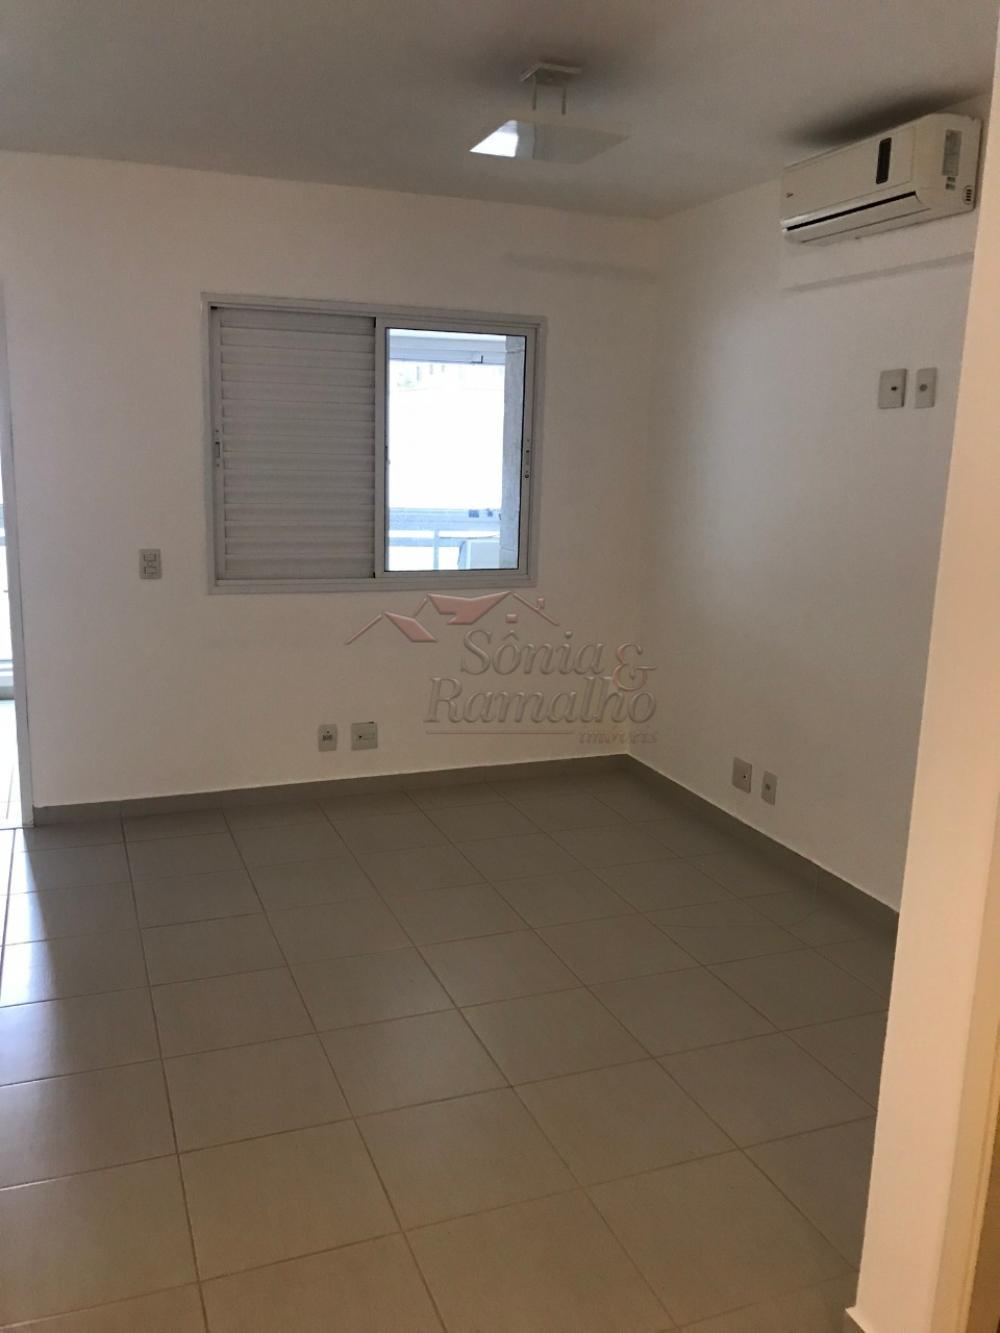 Comprar Apartamentos / Padrão em Ribeirão Preto apenas R$ 636.000,00 - Foto 8